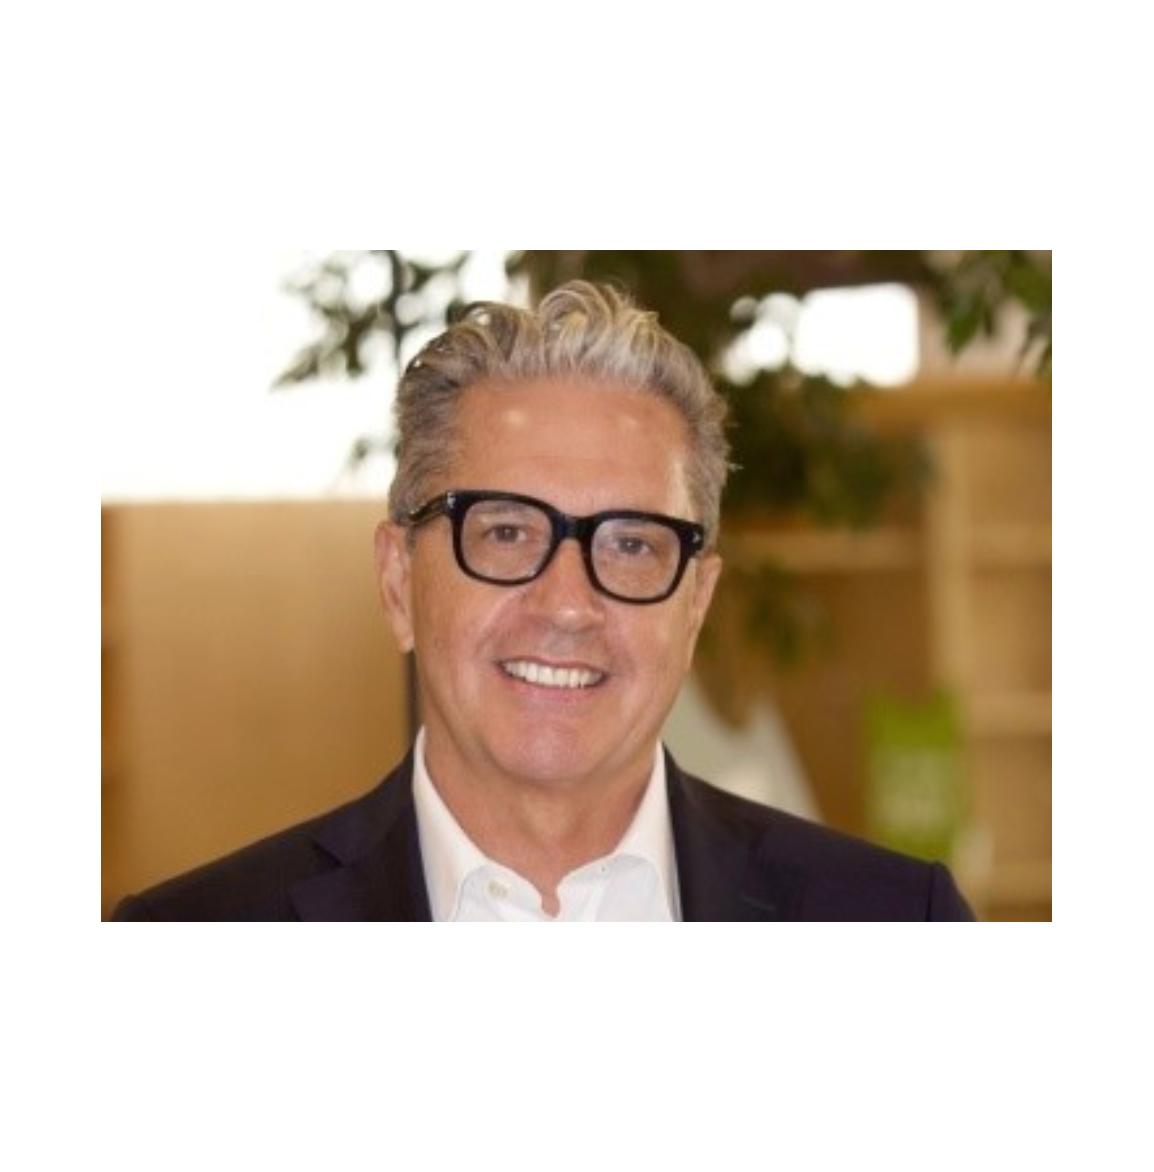 Nuovo CEO per FINIX Technology Solutions: Danilo Rivalta